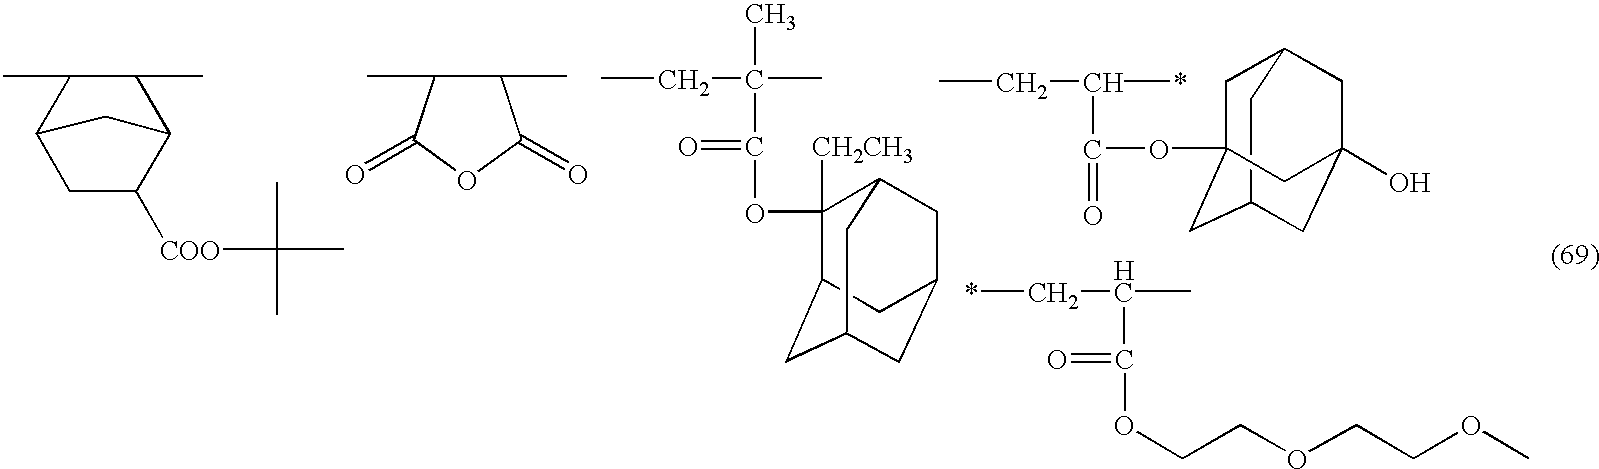 Figure US20030186161A1-20031002-C00187